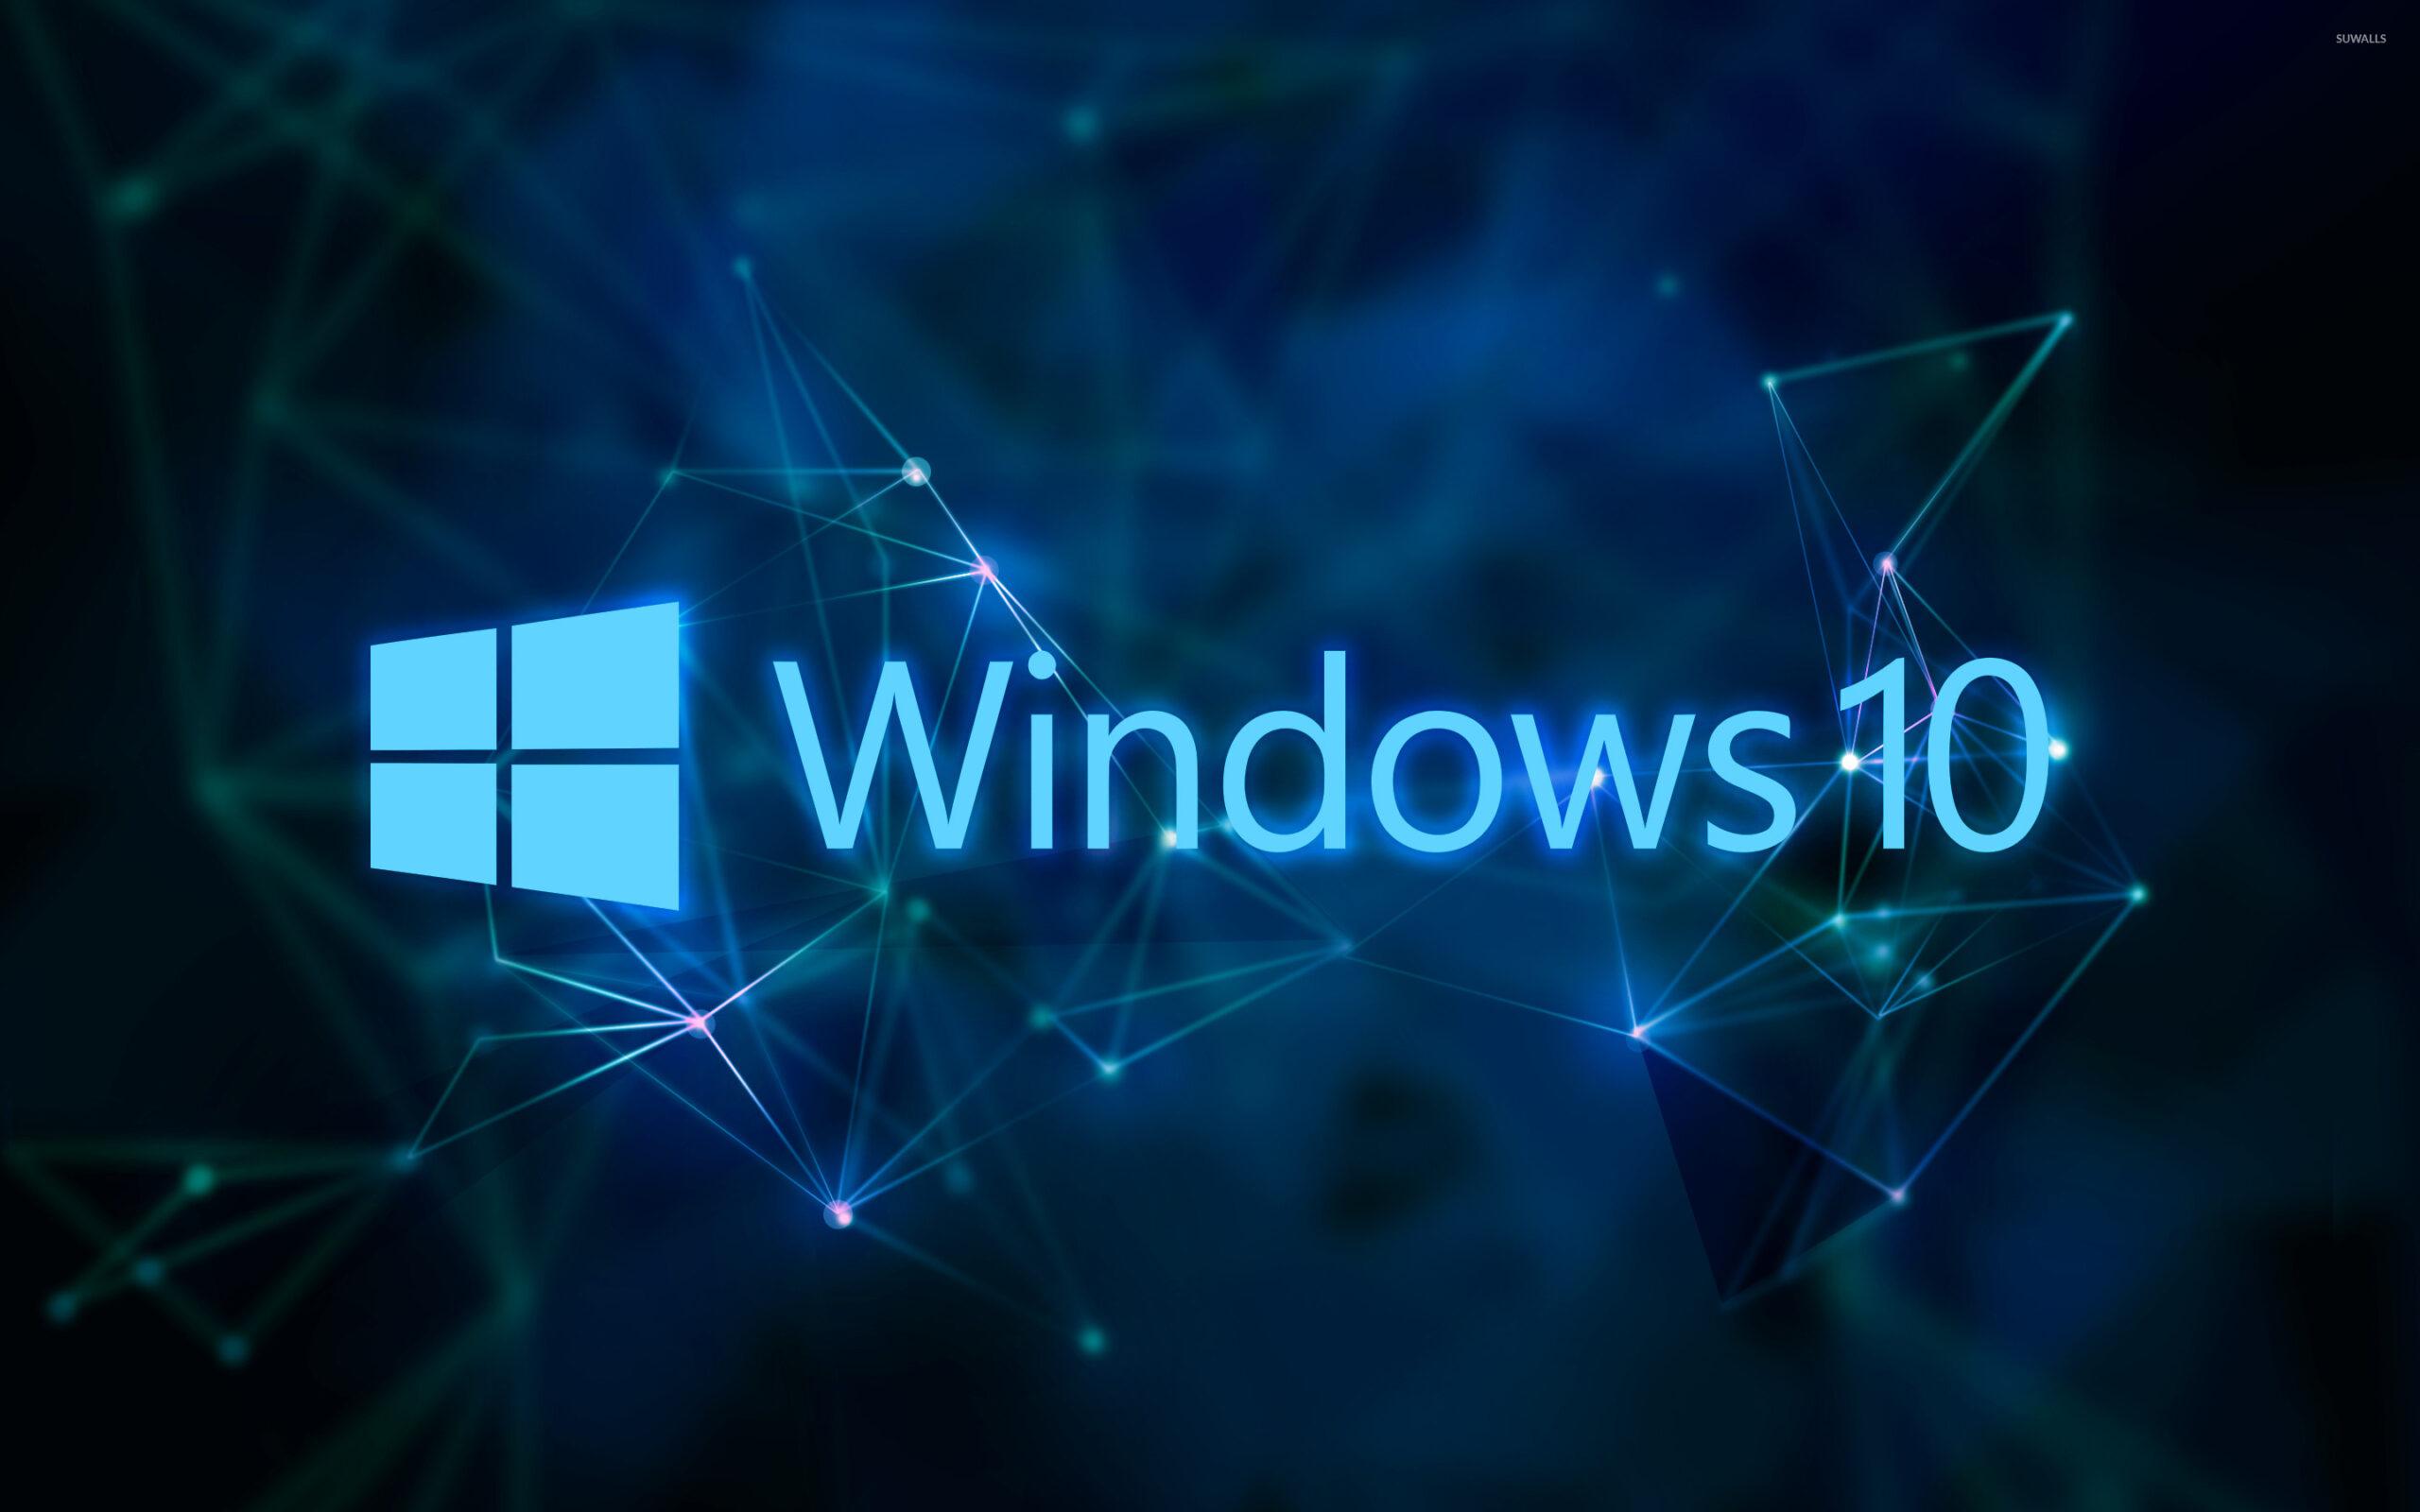 Windows10 İşletim Sistemini Hızlandırmanın 5 Yolu